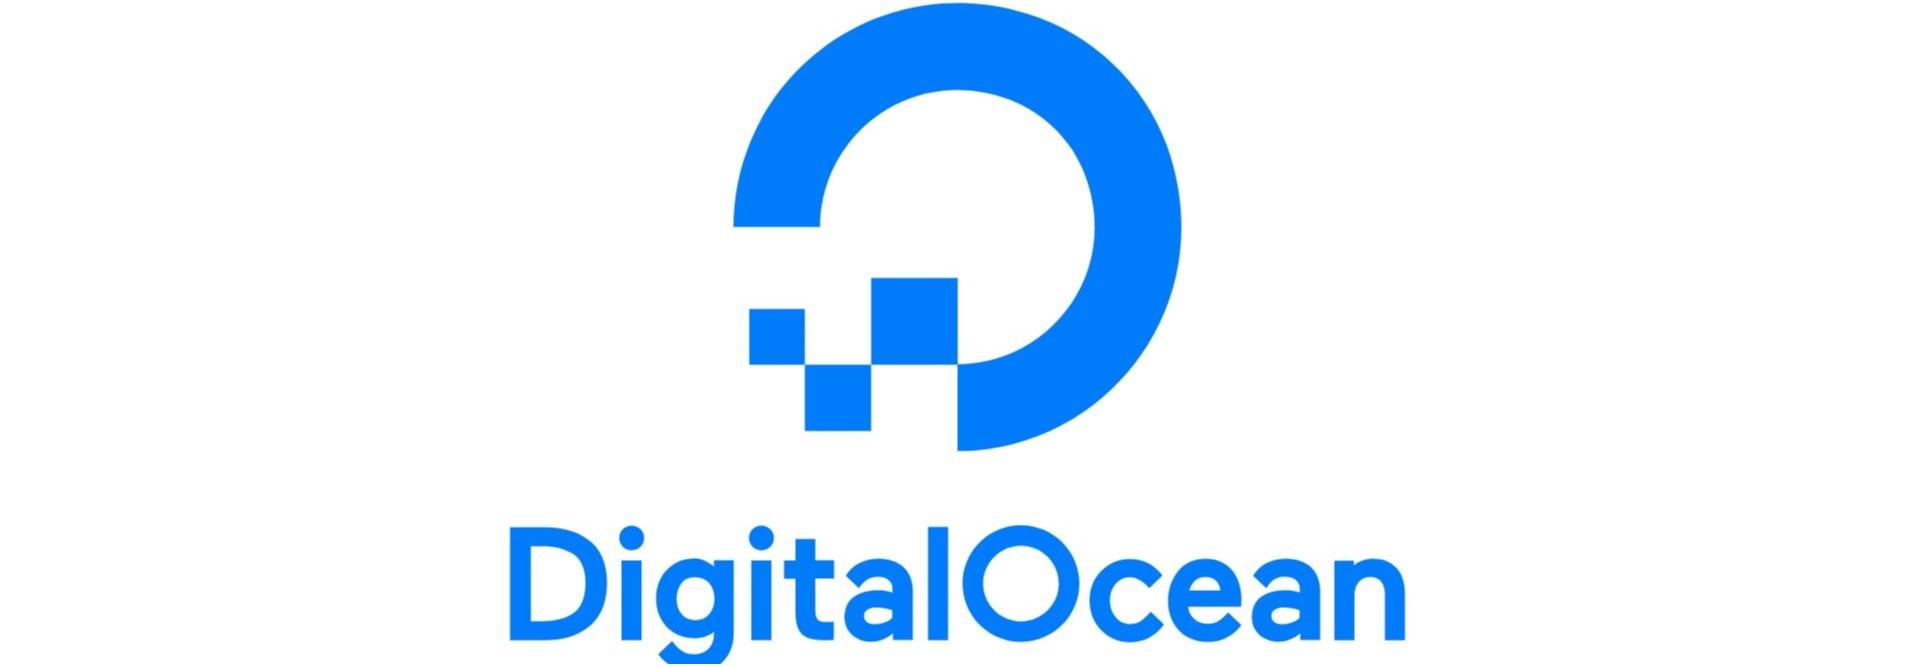 Crea un servidor en la nube con DigitalOcean en apenas unos minutos